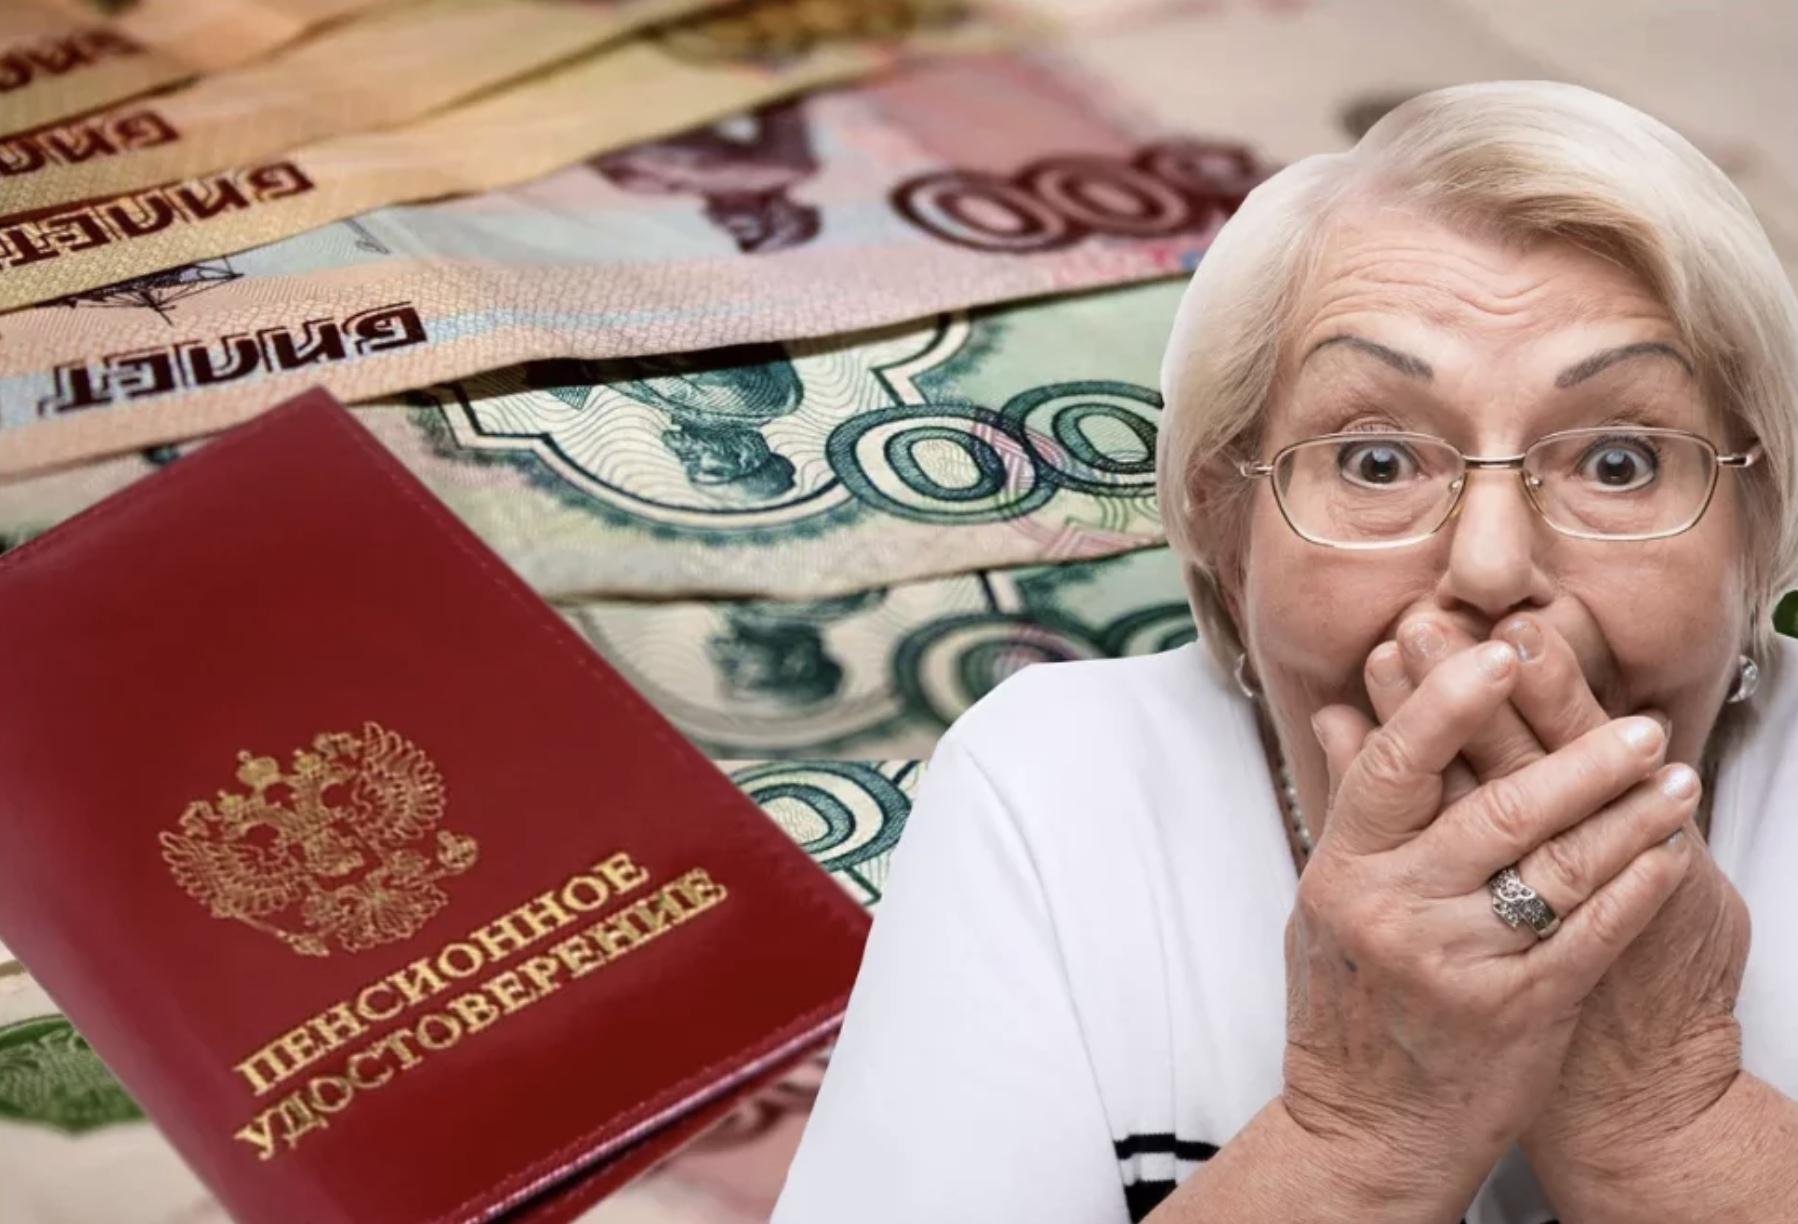 Почему пенсия у человека со стажем меньше пенсии безработного?